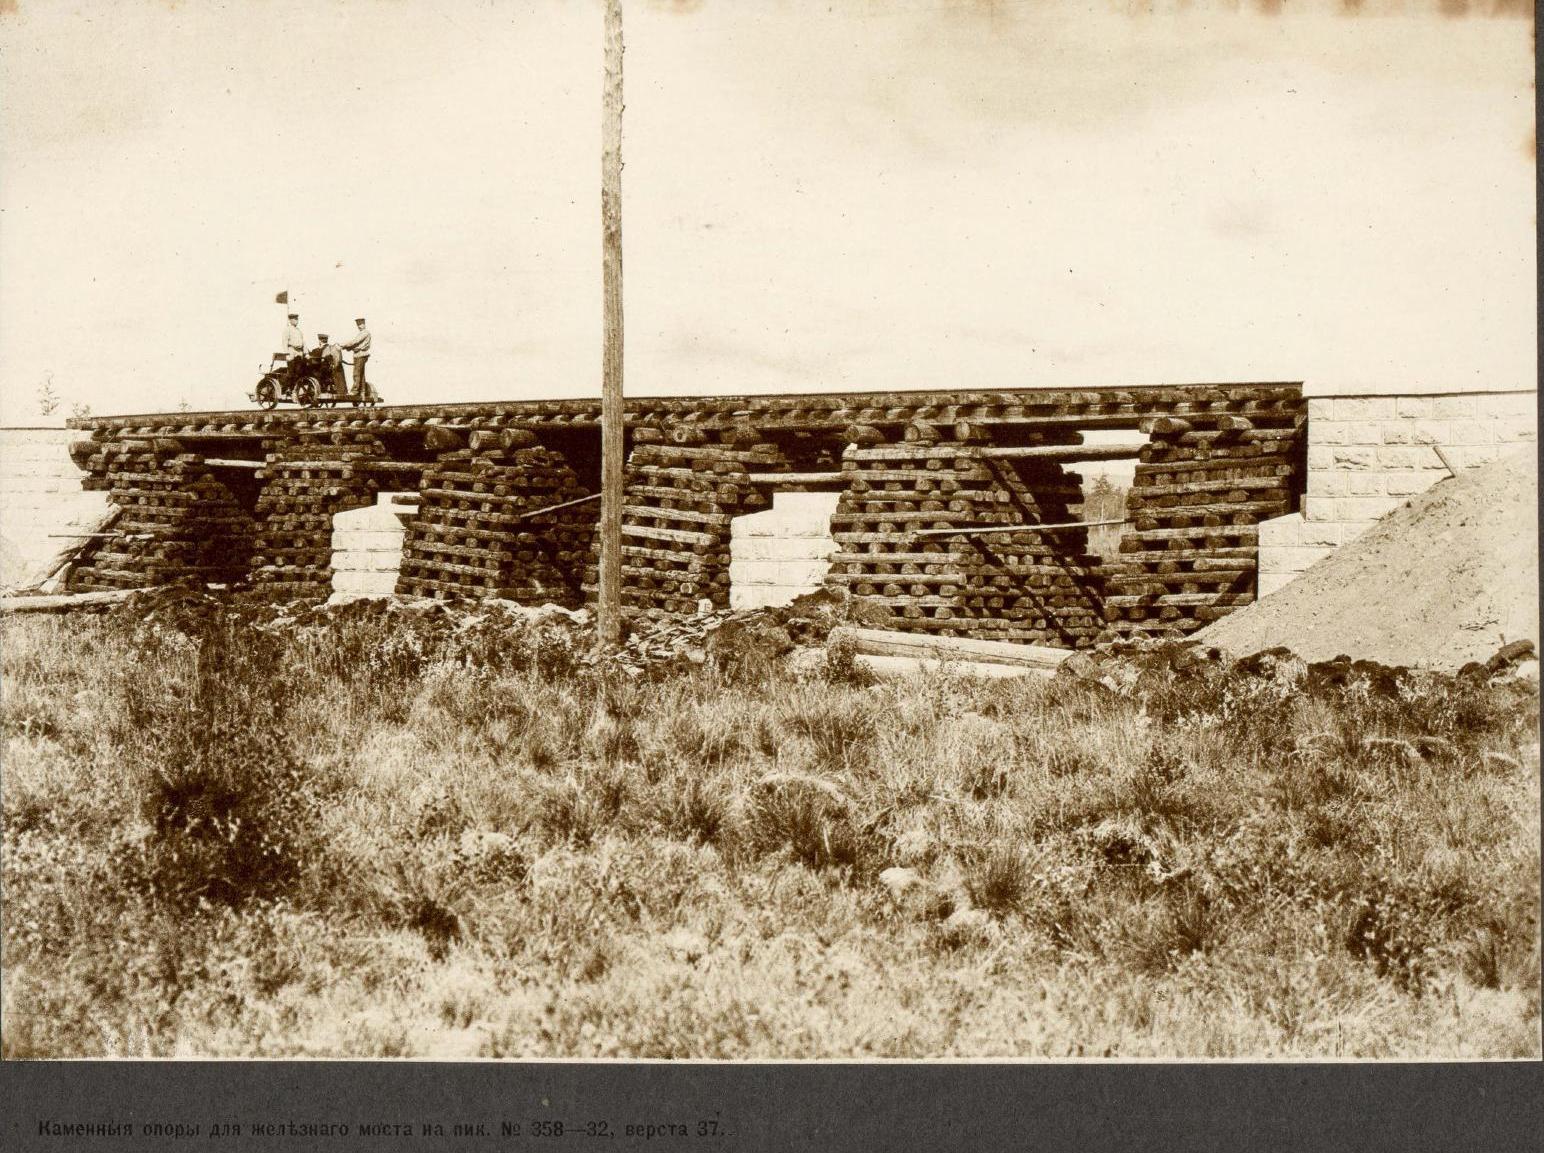 37 верста. Каменные опоры для железного моста на пик. №358-32